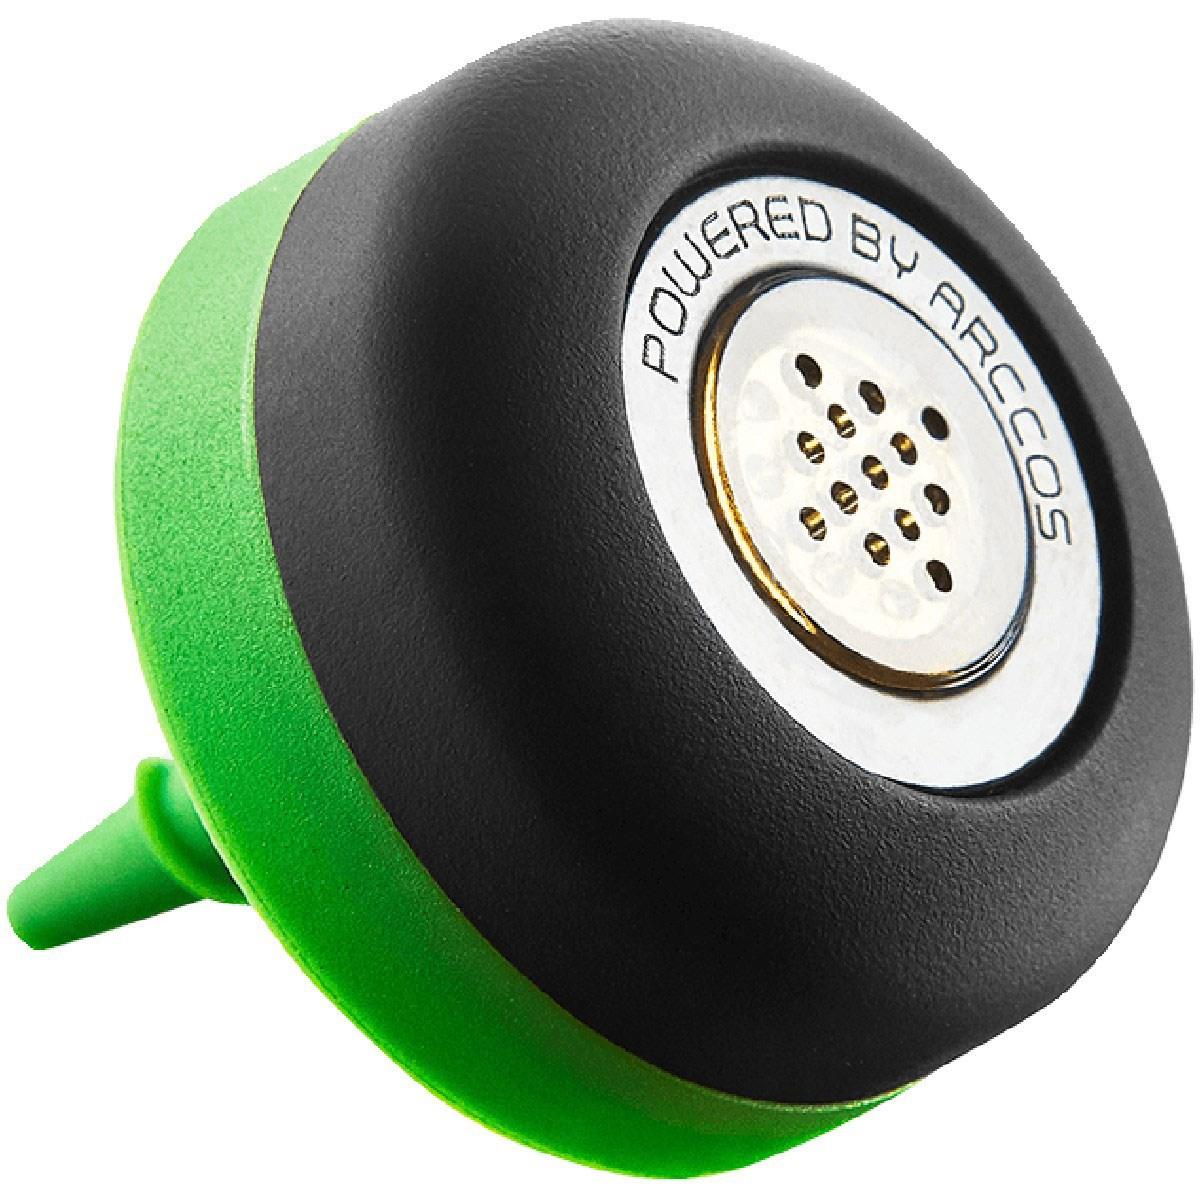 アーコスゴルフ Arccos Caddie Smart Sensors ウッド アイアン用(単品)